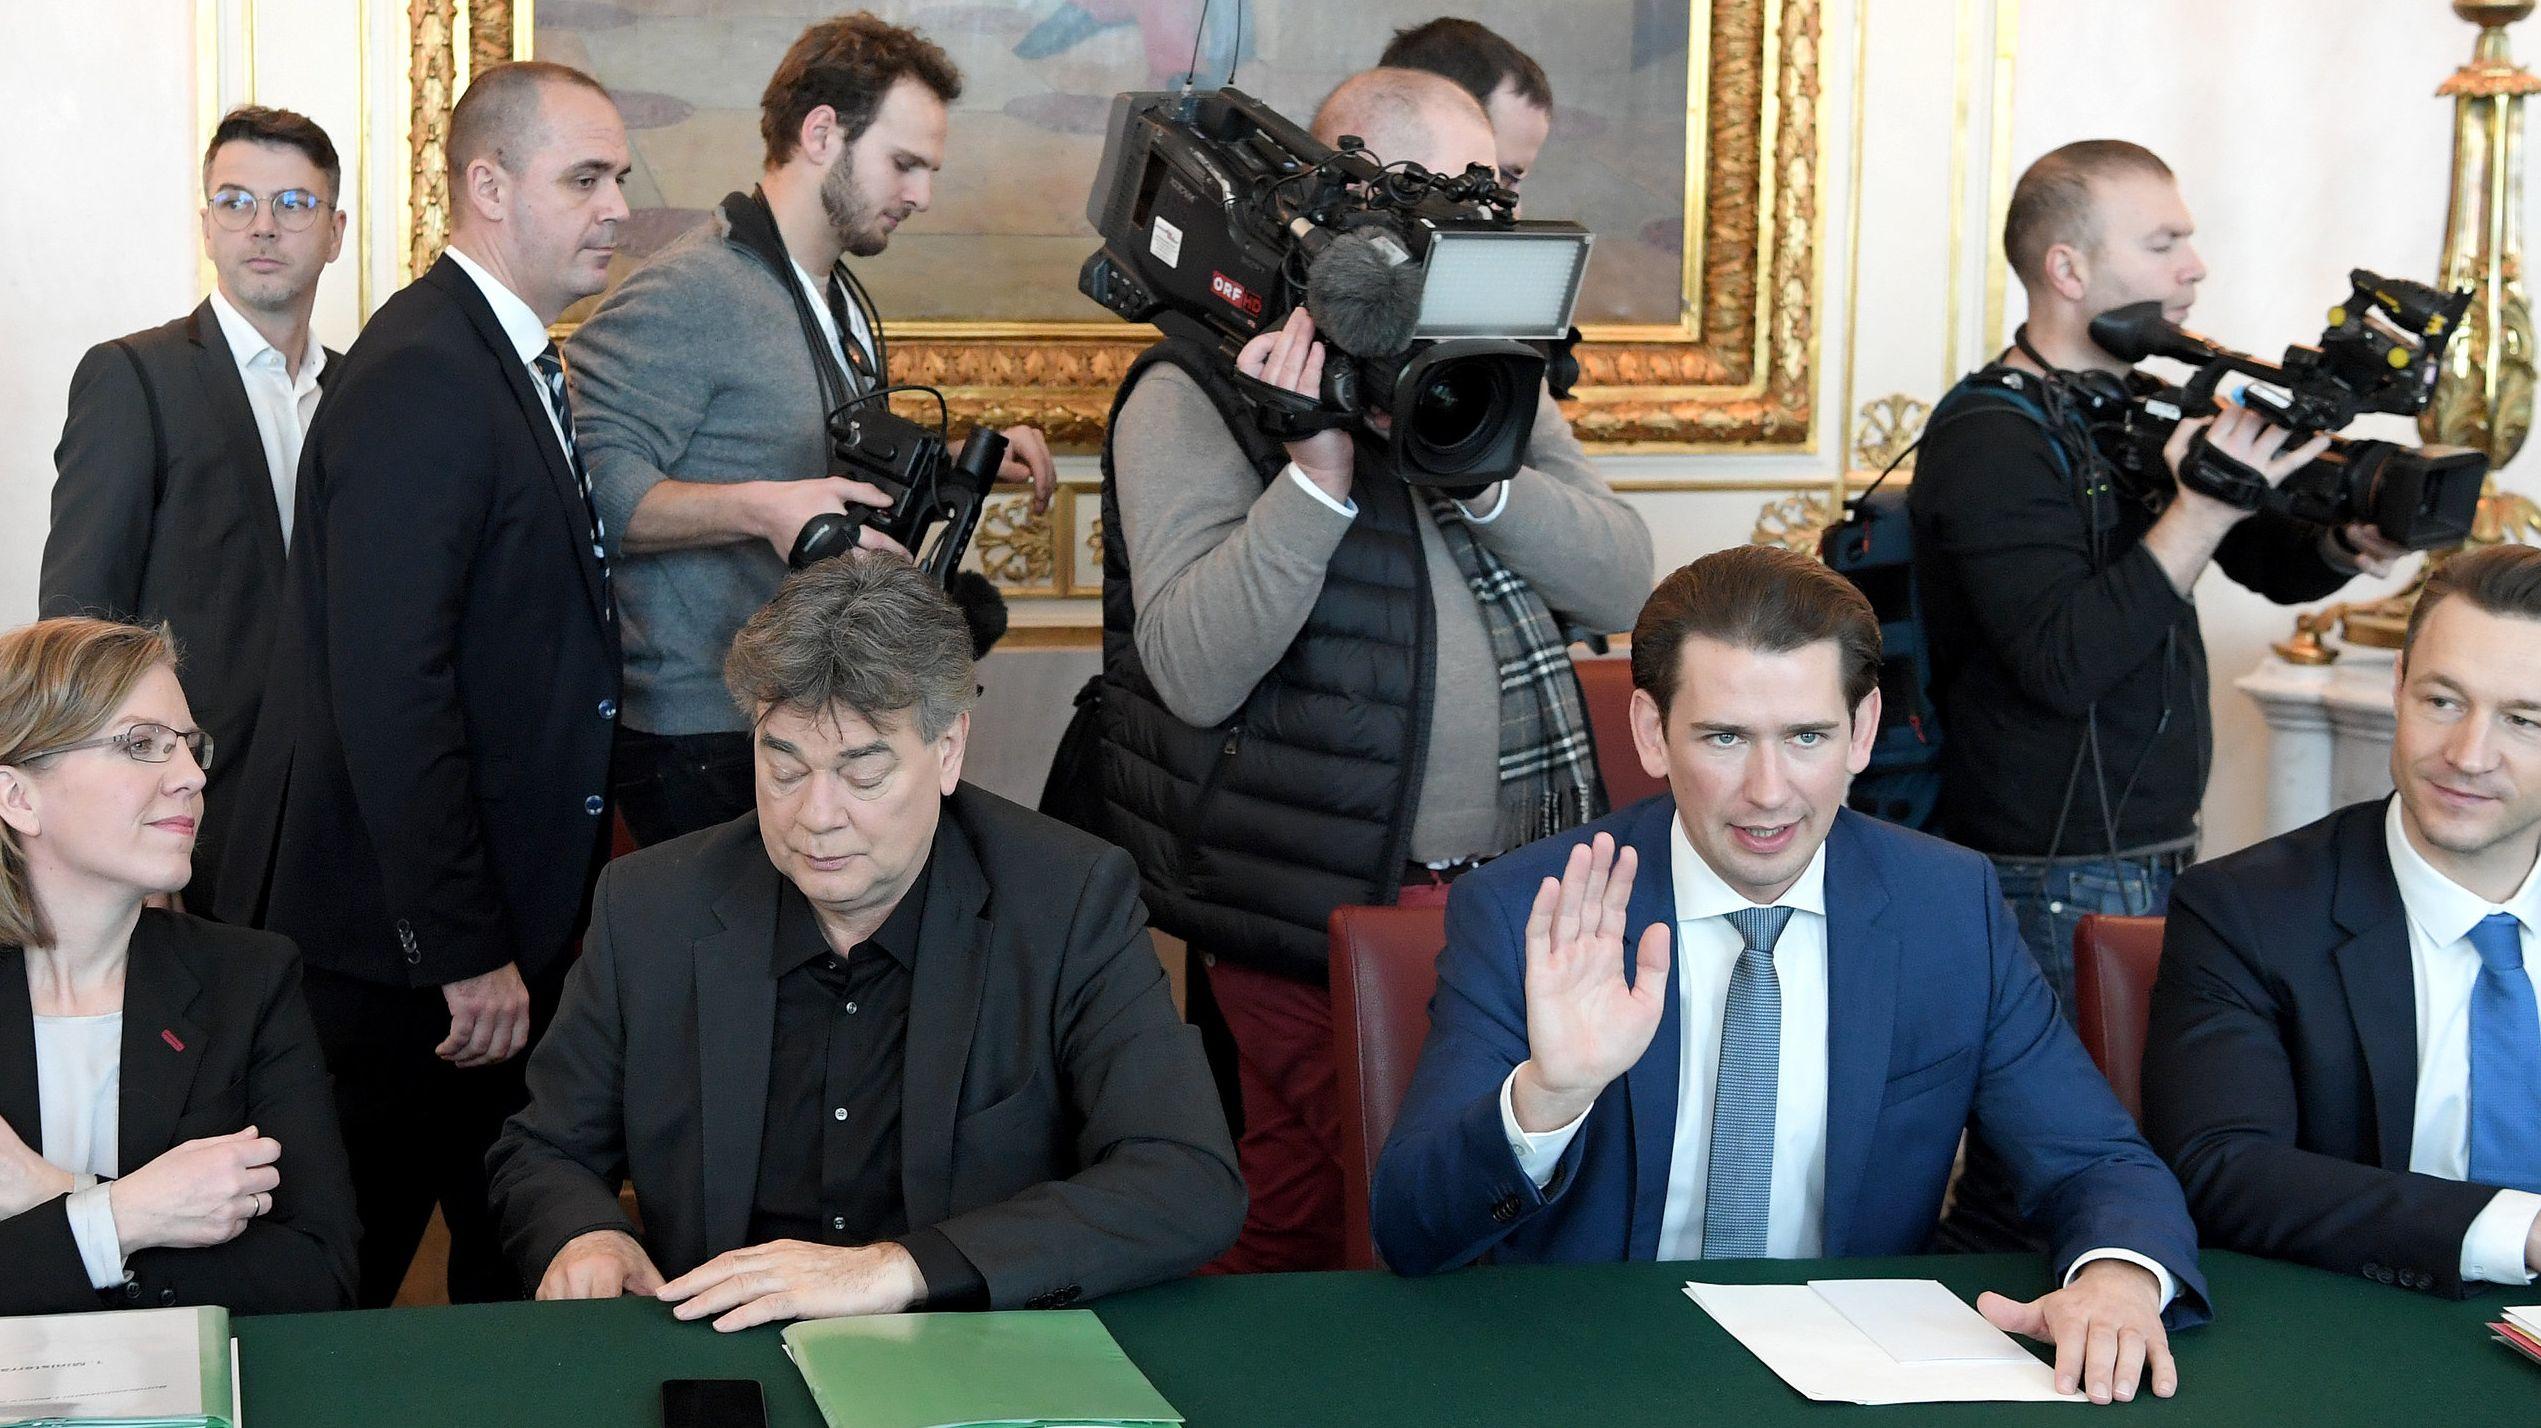 Erster Ministerrat der neuen Regierung in Österreich